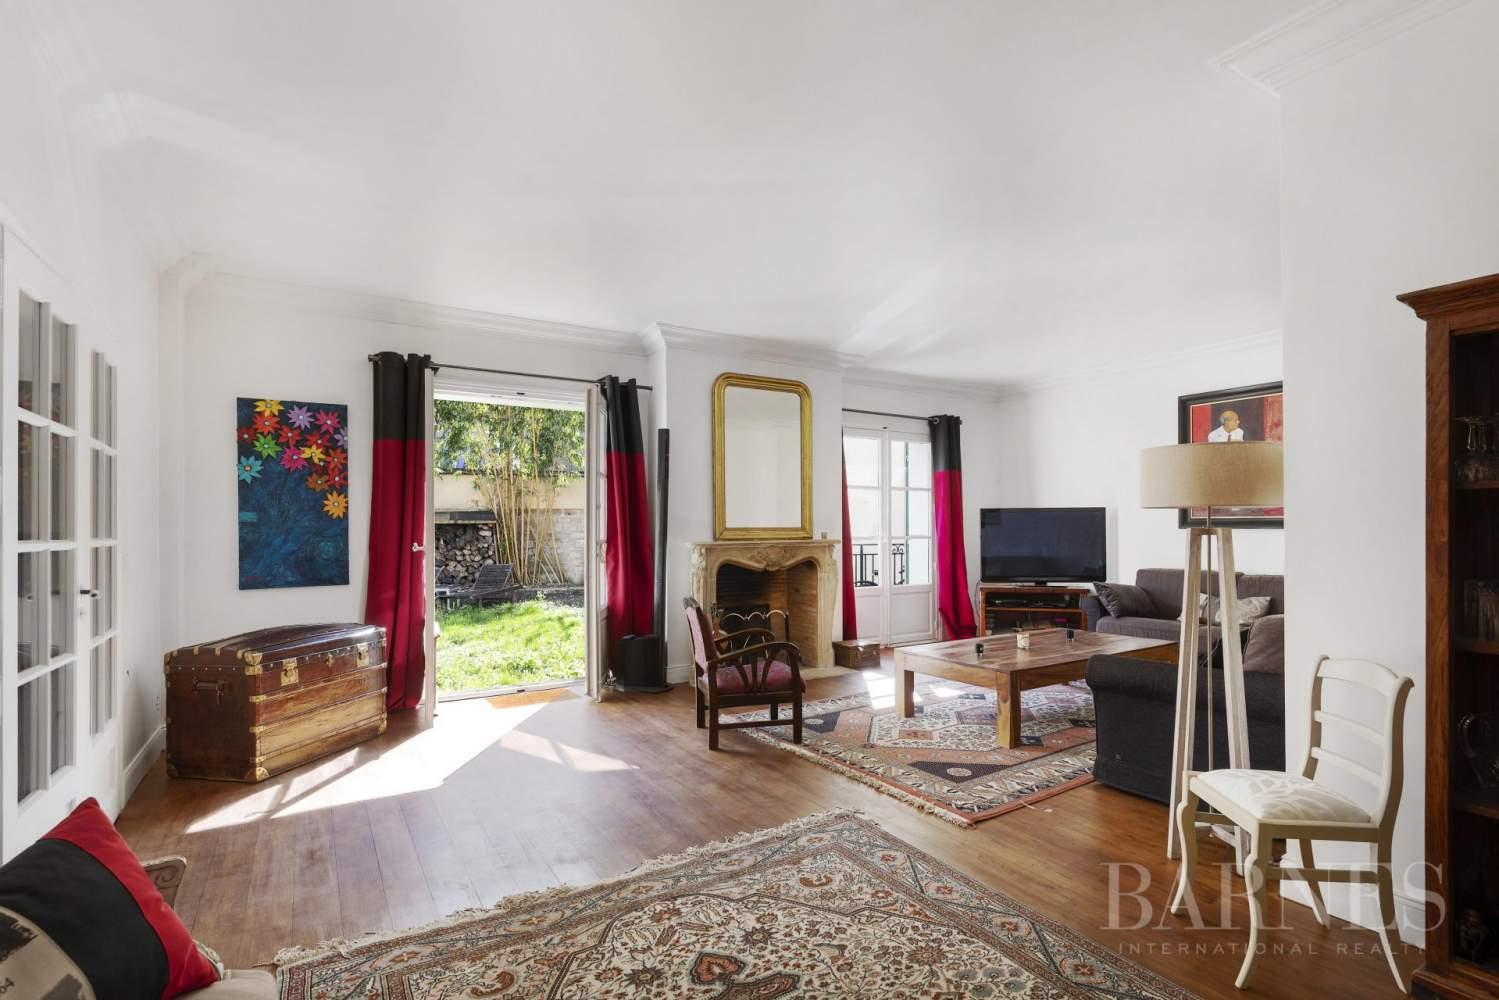 maison style mansart centre ville rueil malmaison ventes. Black Bedroom Furniture Sets. Home Design Ideas